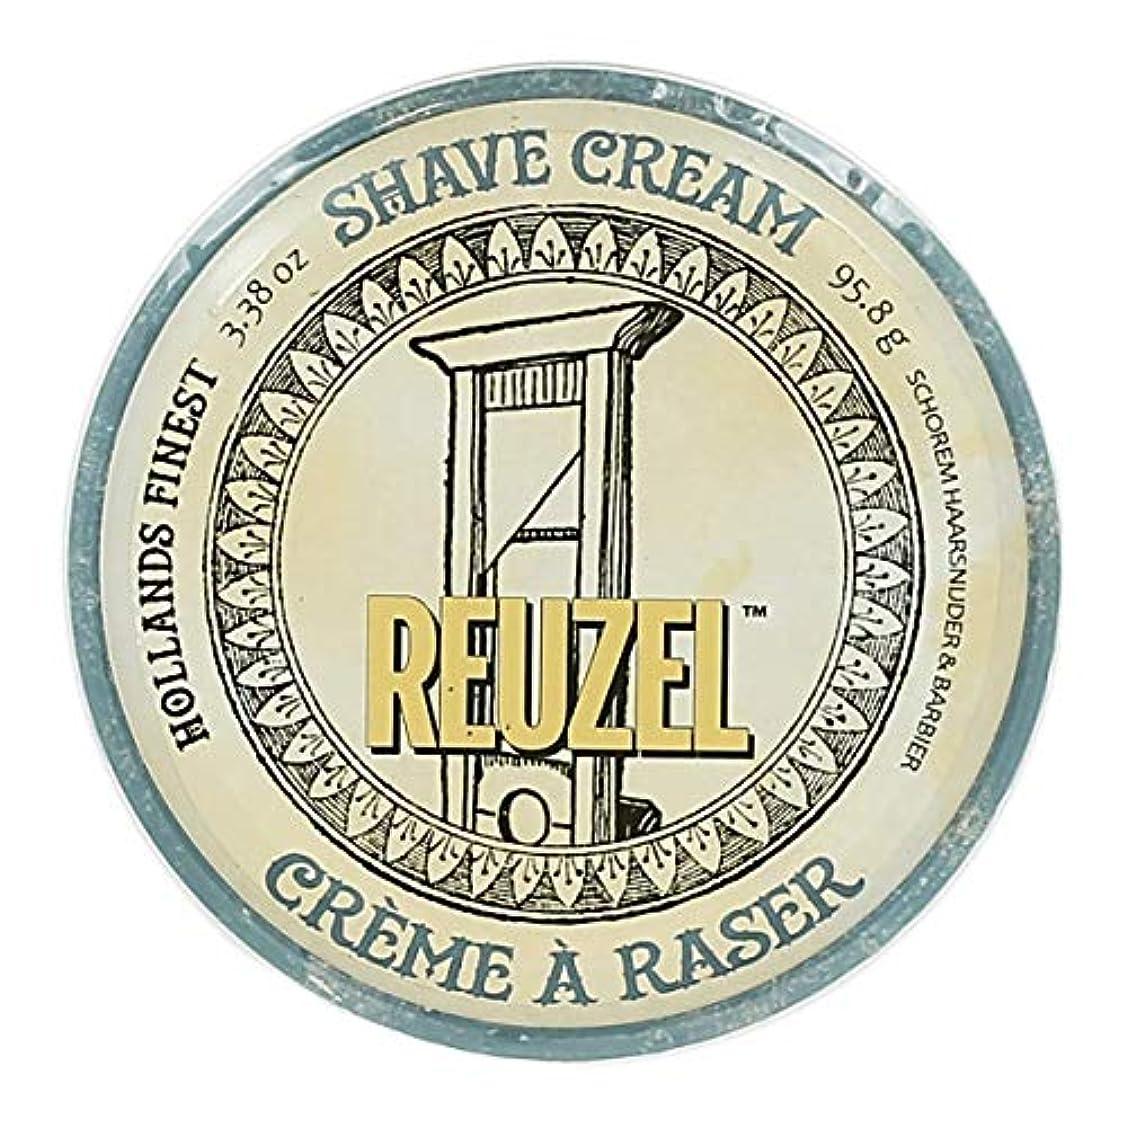 帽子周り愛するREUZEL ルーゾー シェーブクリーム 95g[海外直送品] [並行輸入品]